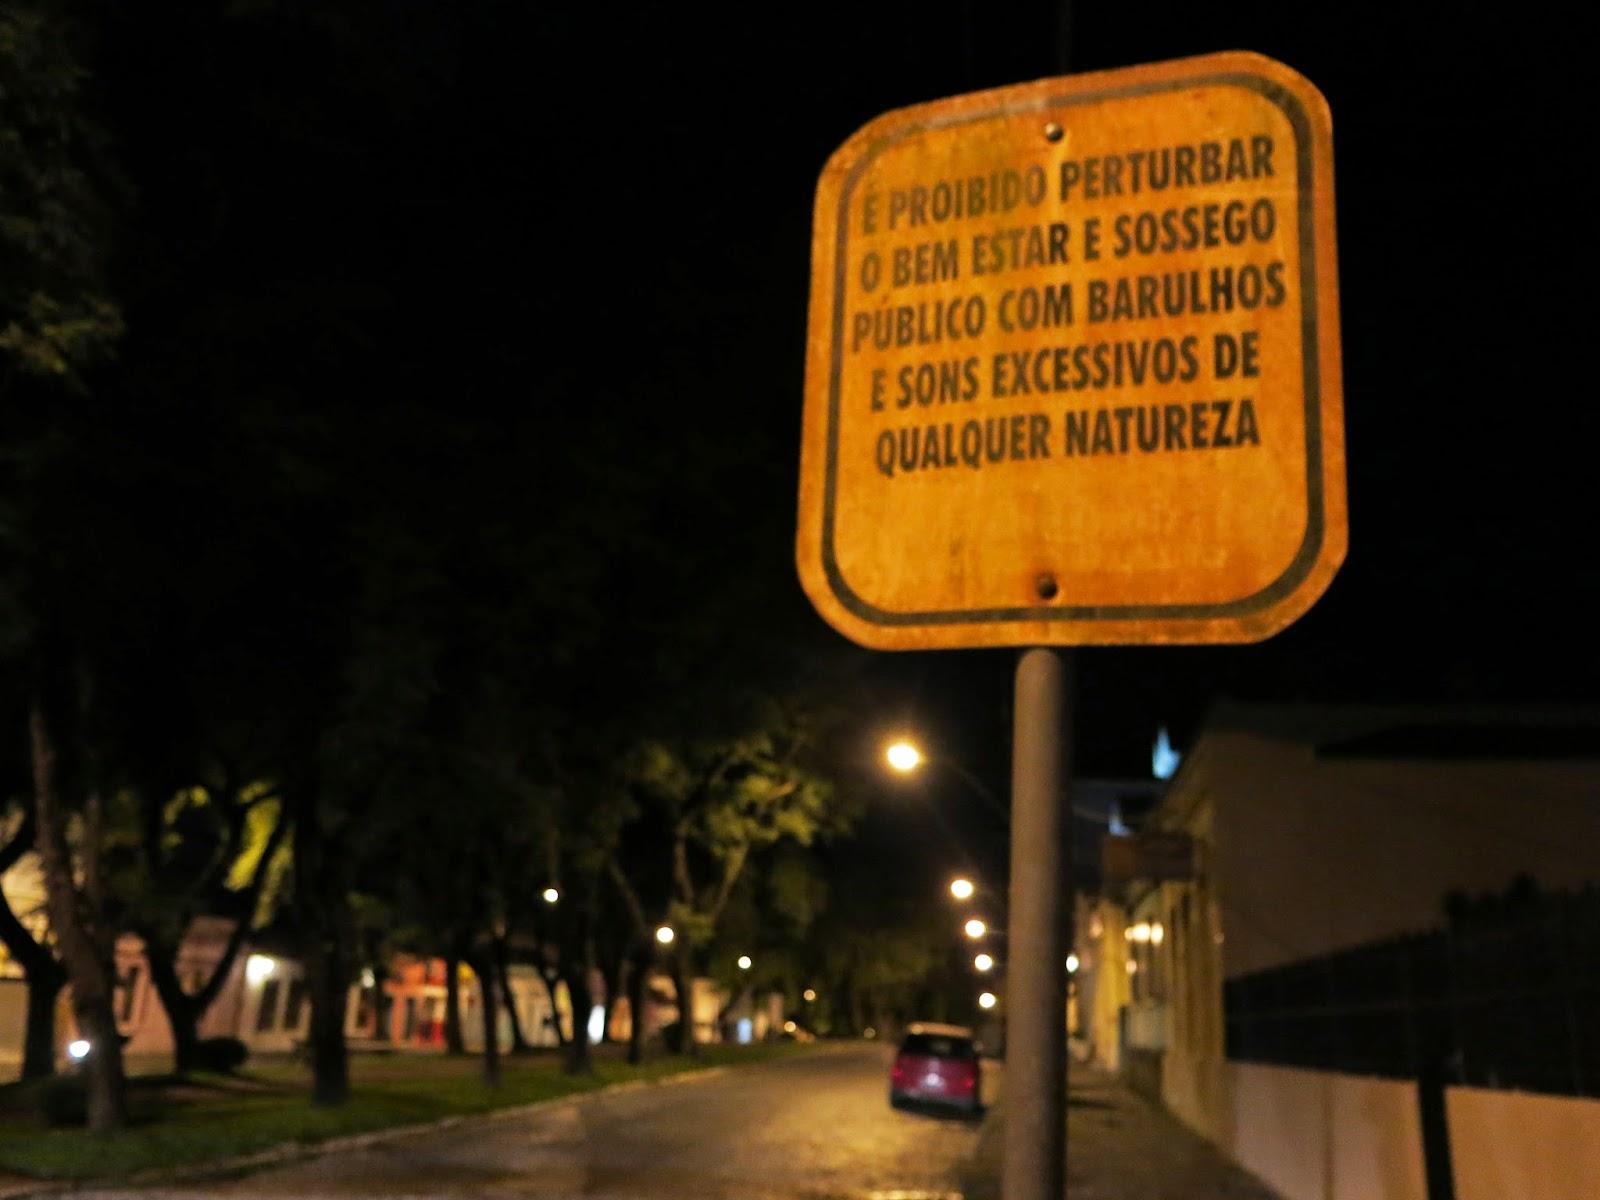 Lapa, no Paraná, durante a noite